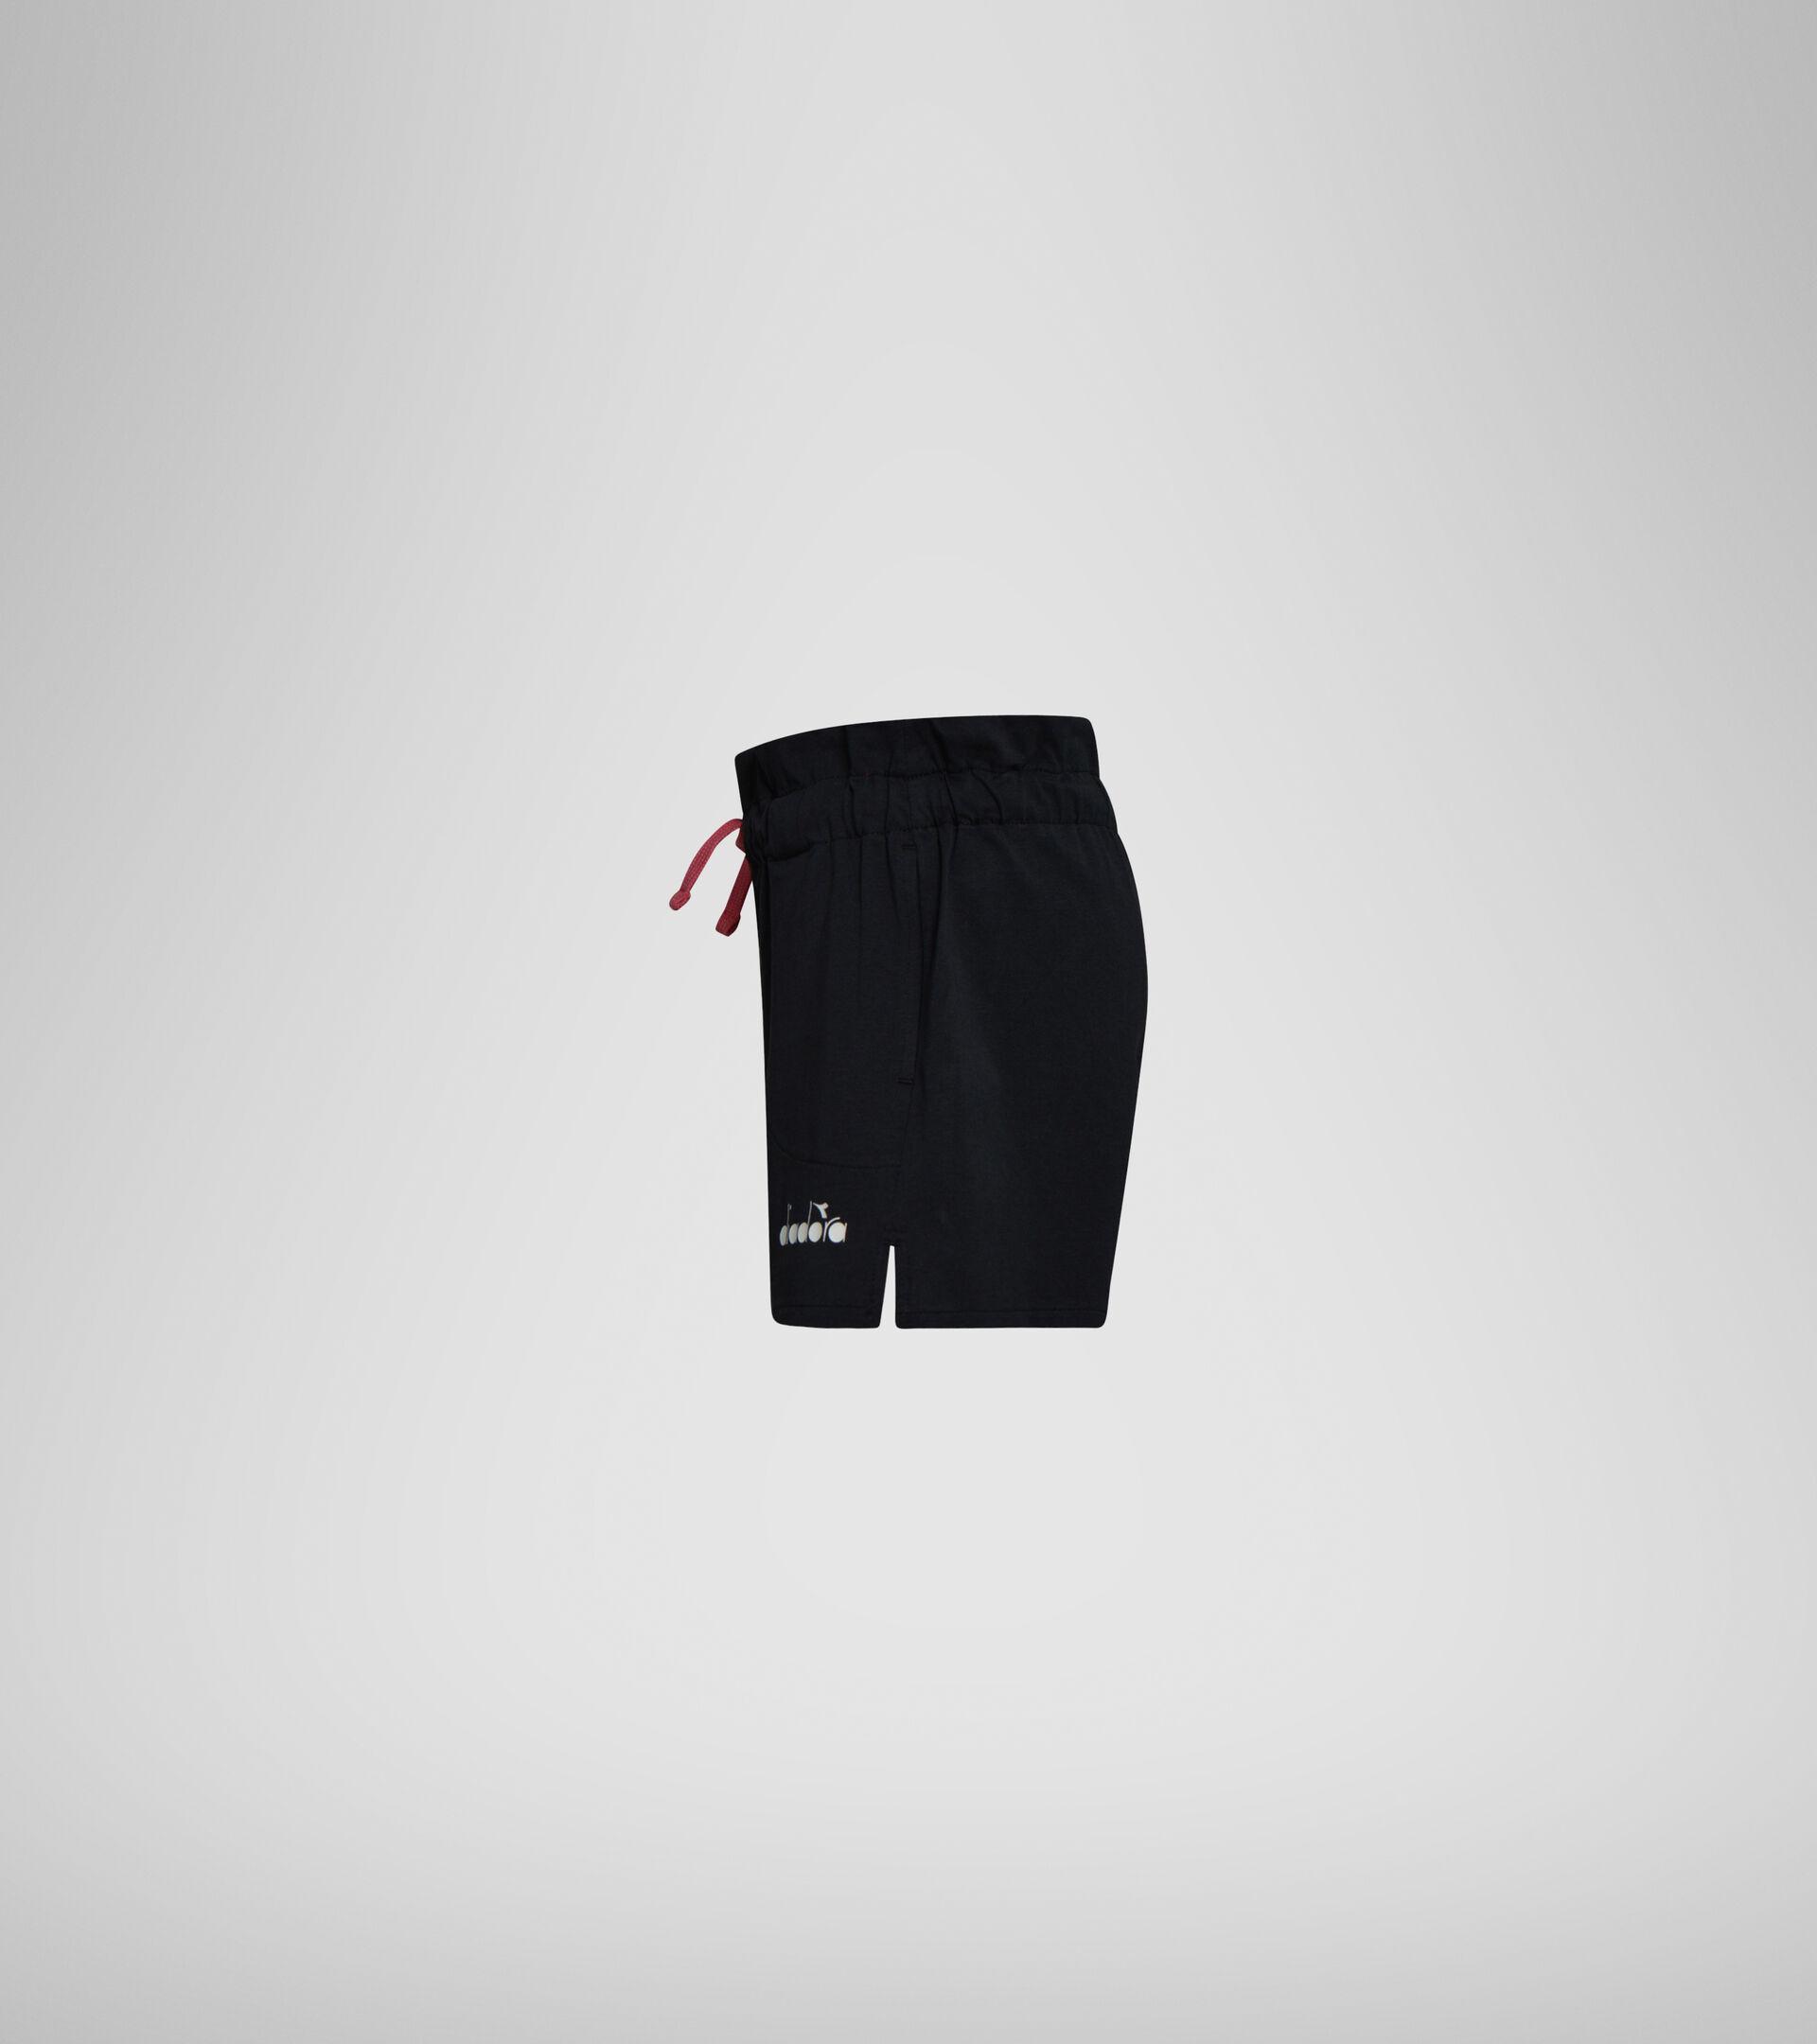 Shorts - Niñas JG. SHORT LOGO MANIA NEGRO - Diadora